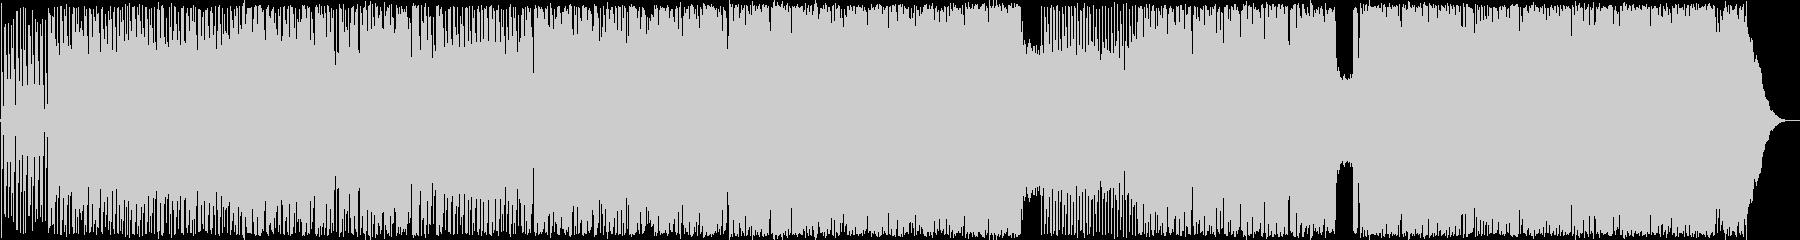 キレのあるリズムと展開のあるギターロックの未再生の波形